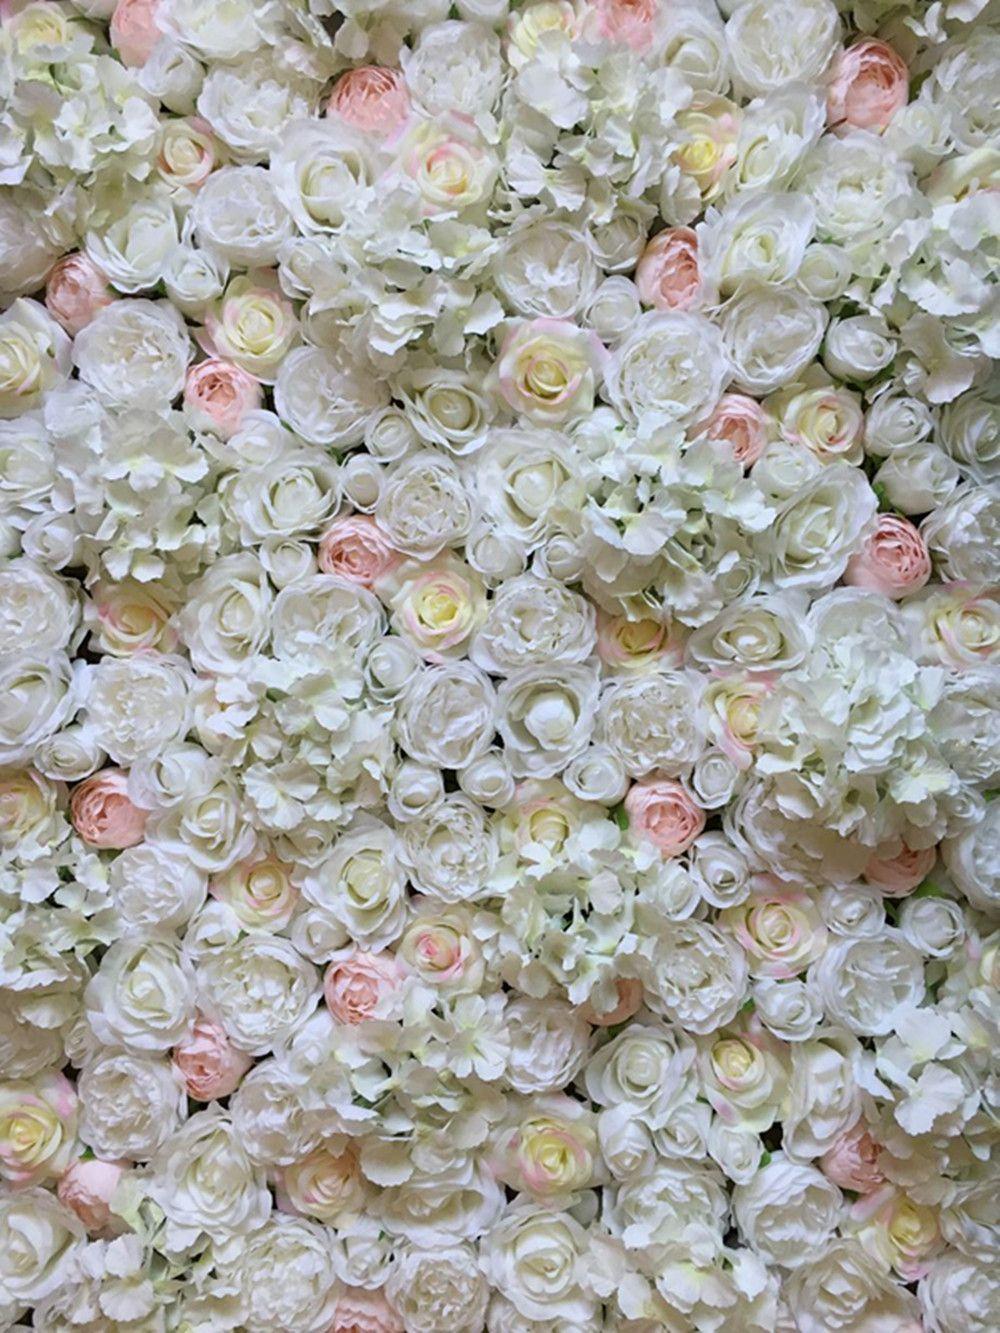 Nouvelle usine de rayonne rose décoration murale hortensia pour mur de fond de mariage